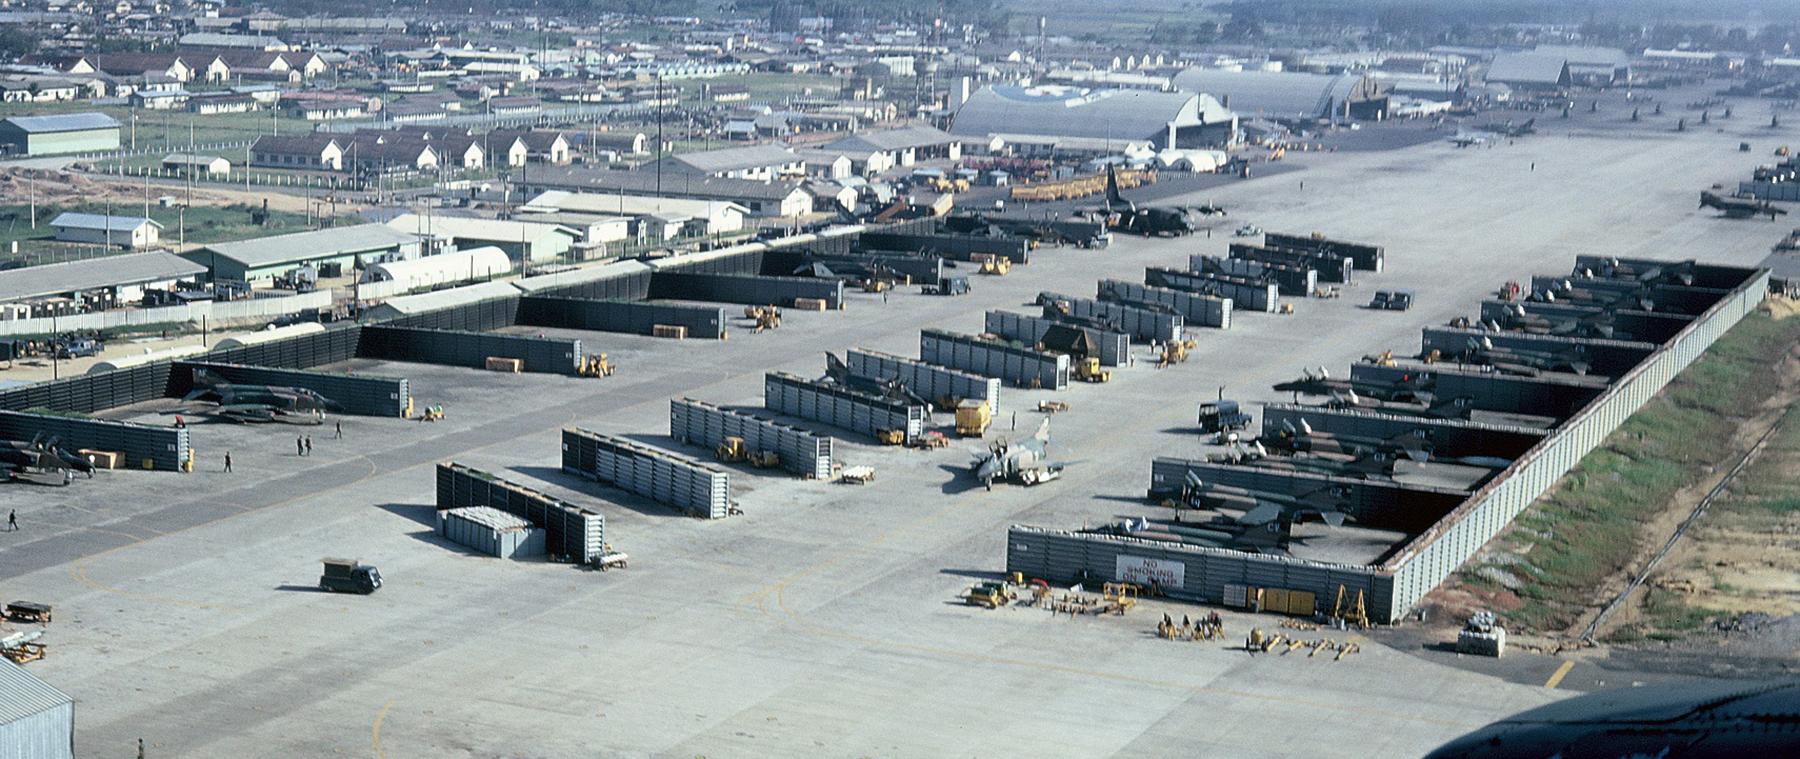 Le F4 C en camo guerre du Vietnam... - Page 9 Da_Nang_Air_Base_during_the_Vietnam_War